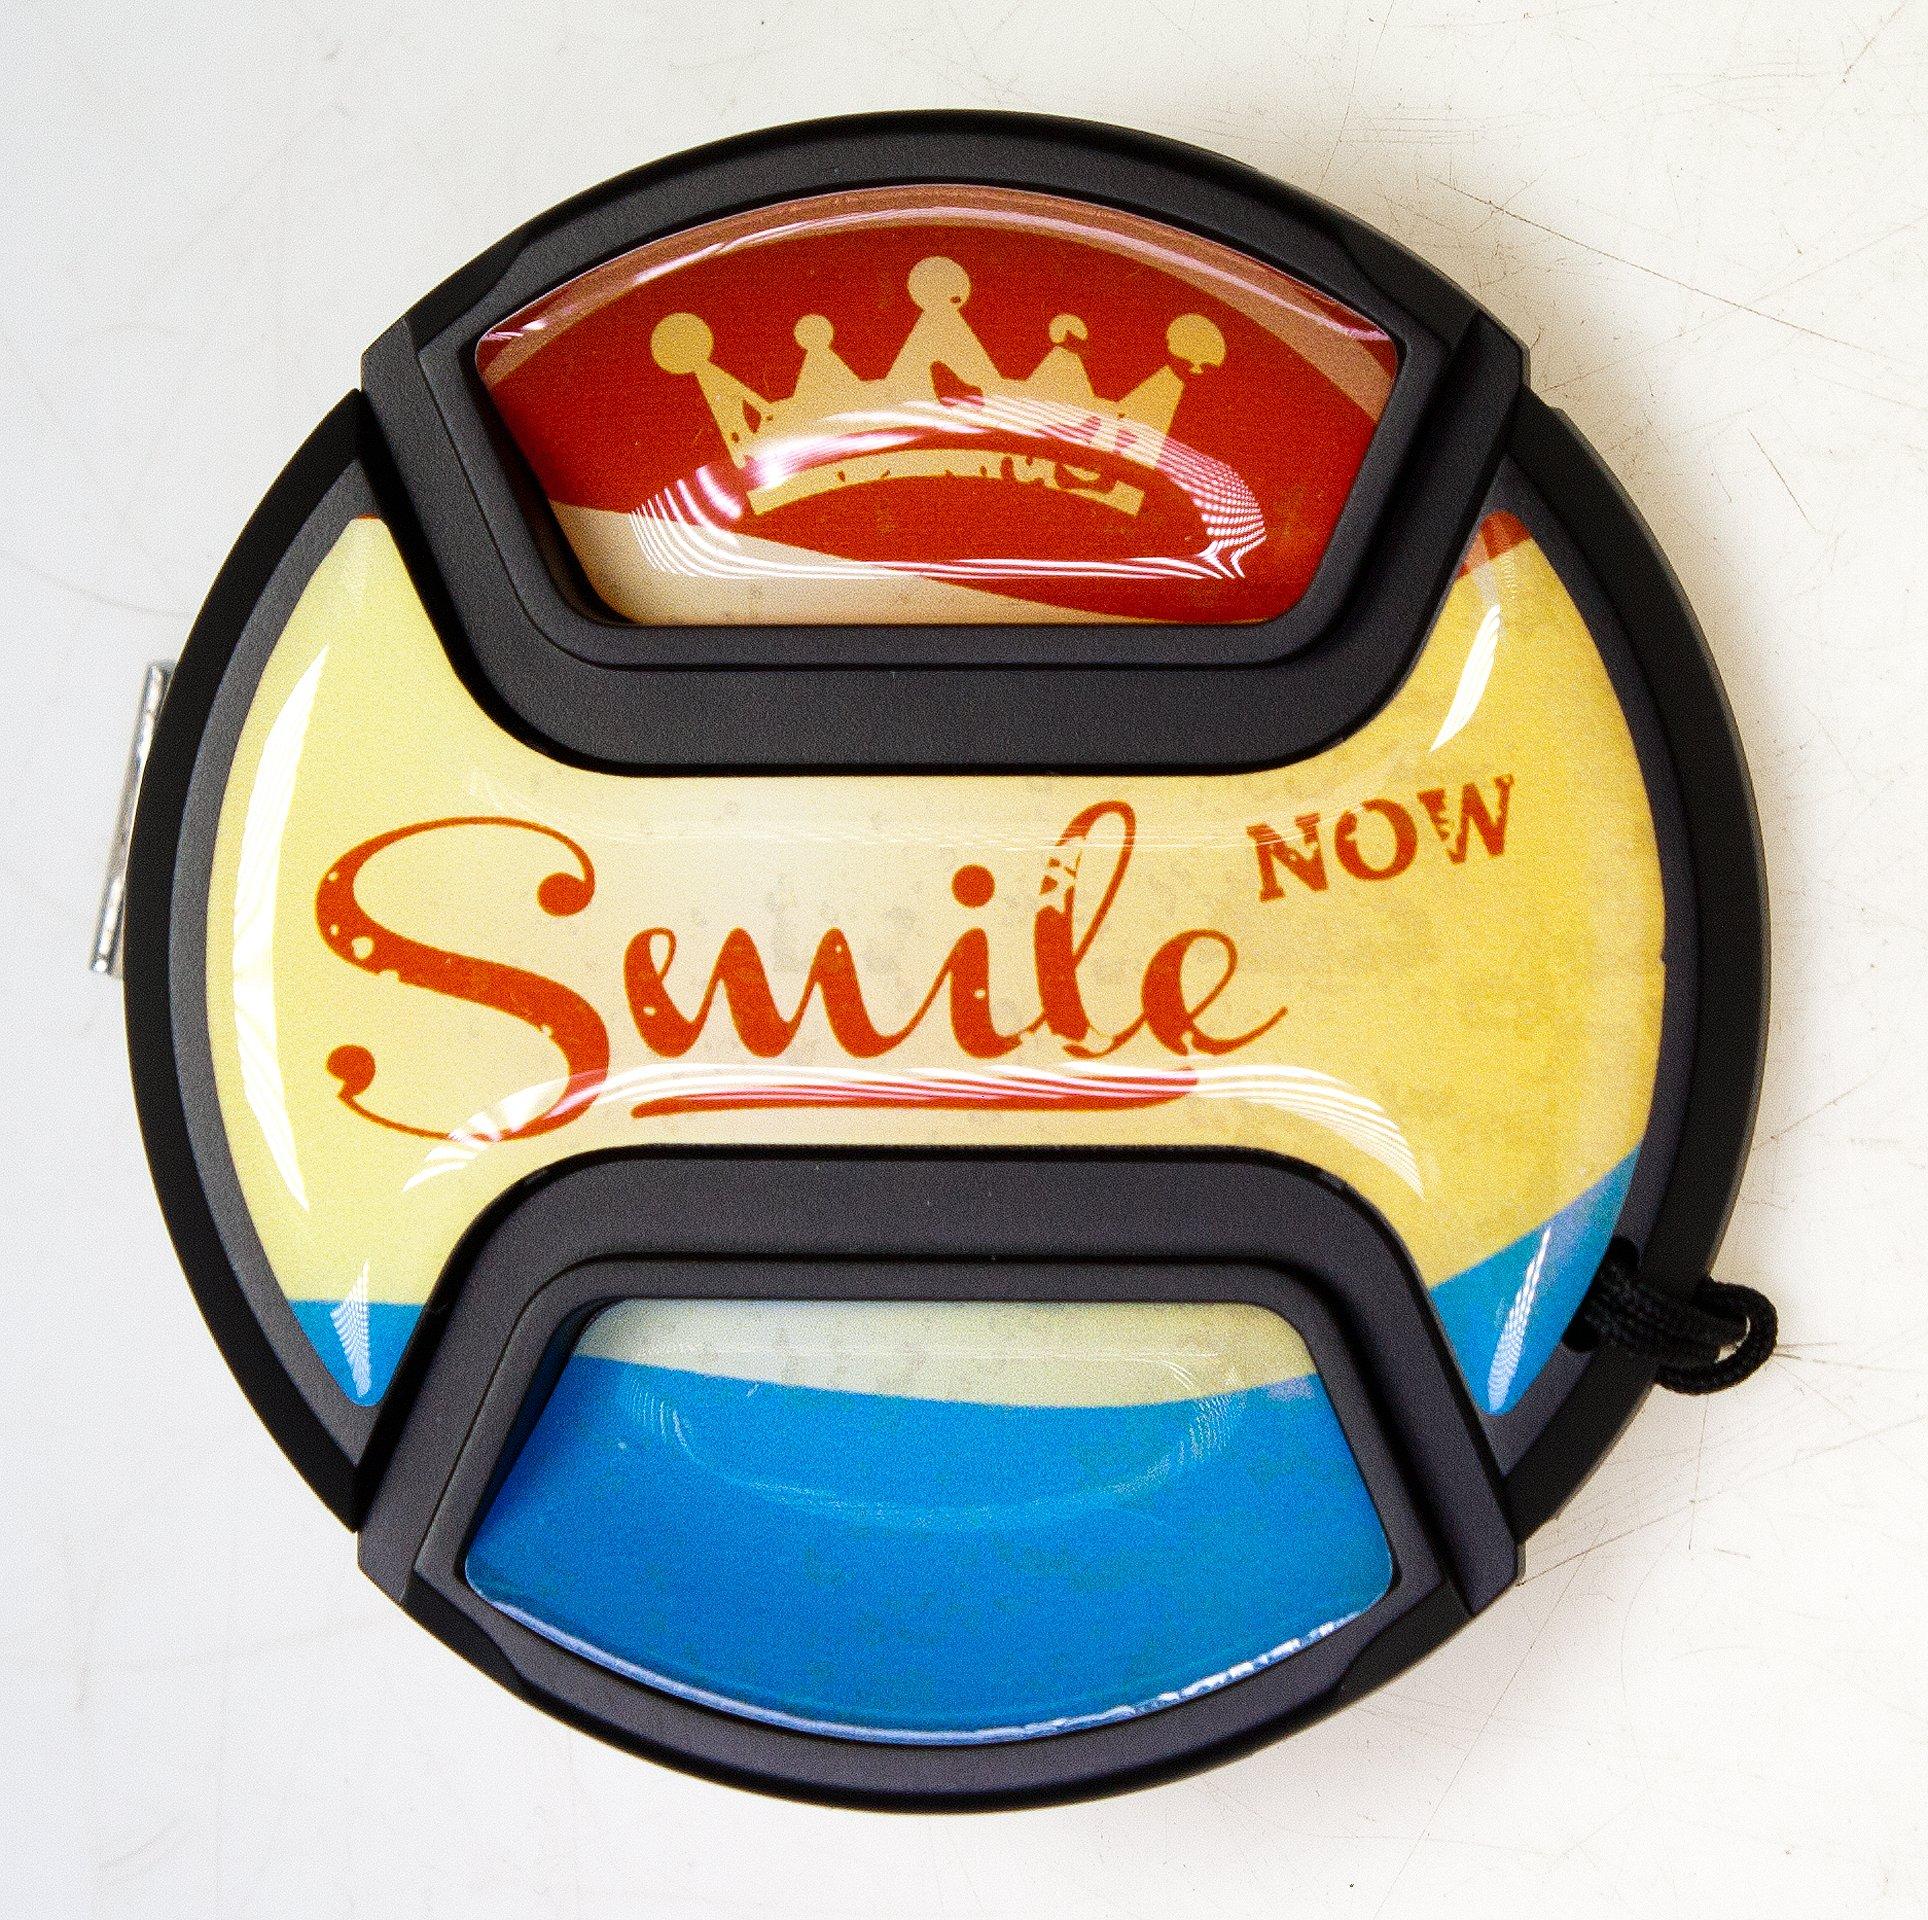 KAISER krytka styl Smile now 52mm 7941